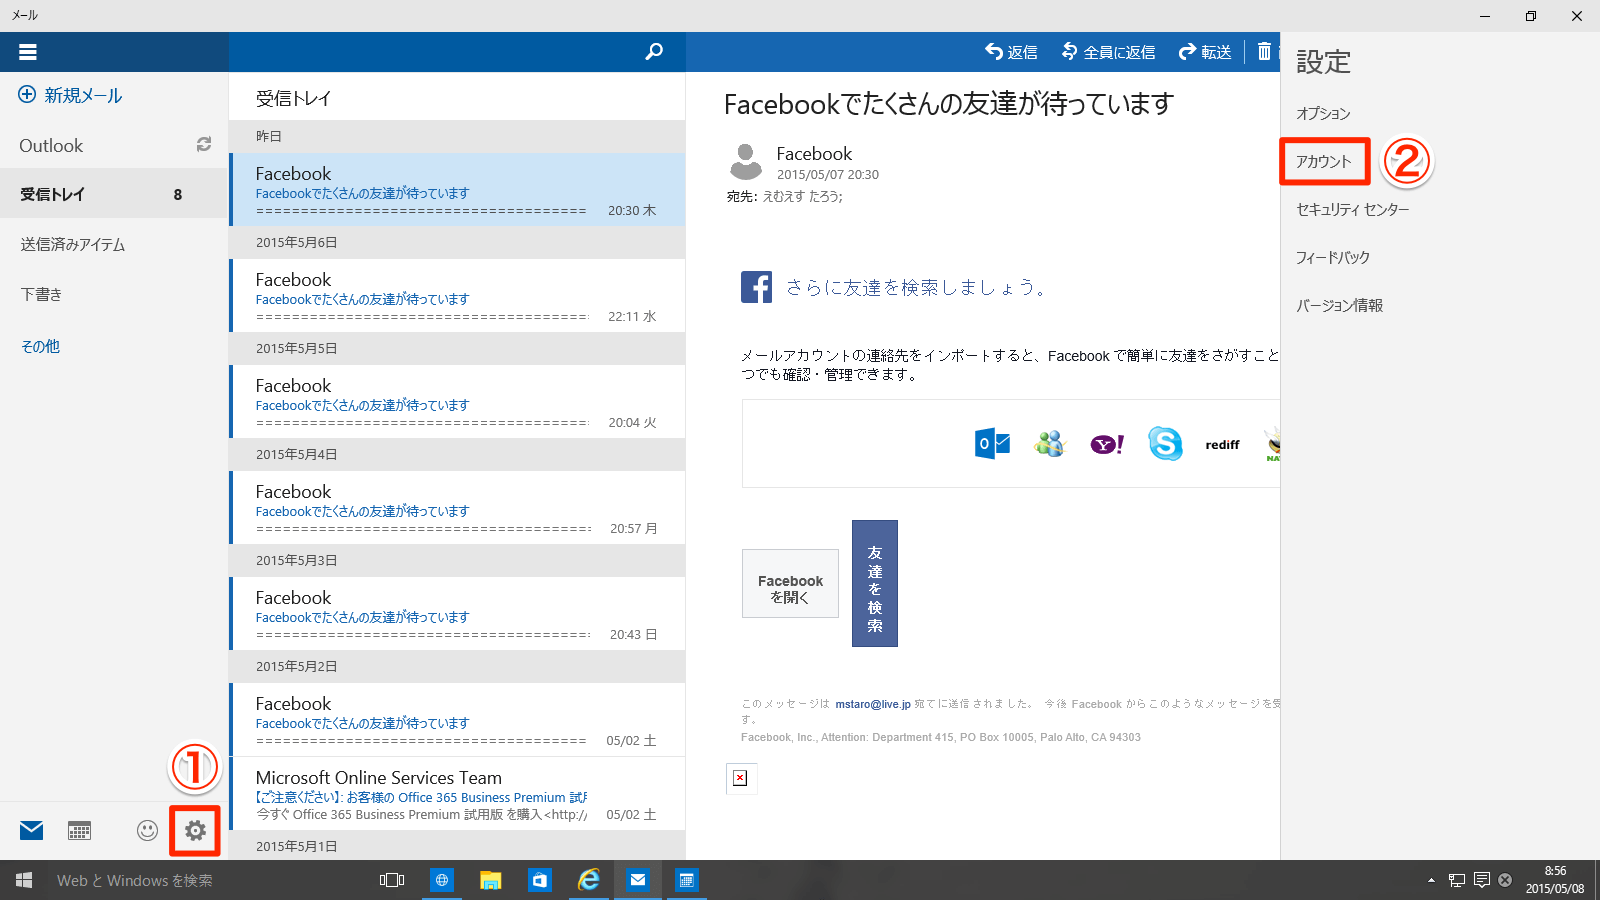 [メール]アプリの設定画面を開く